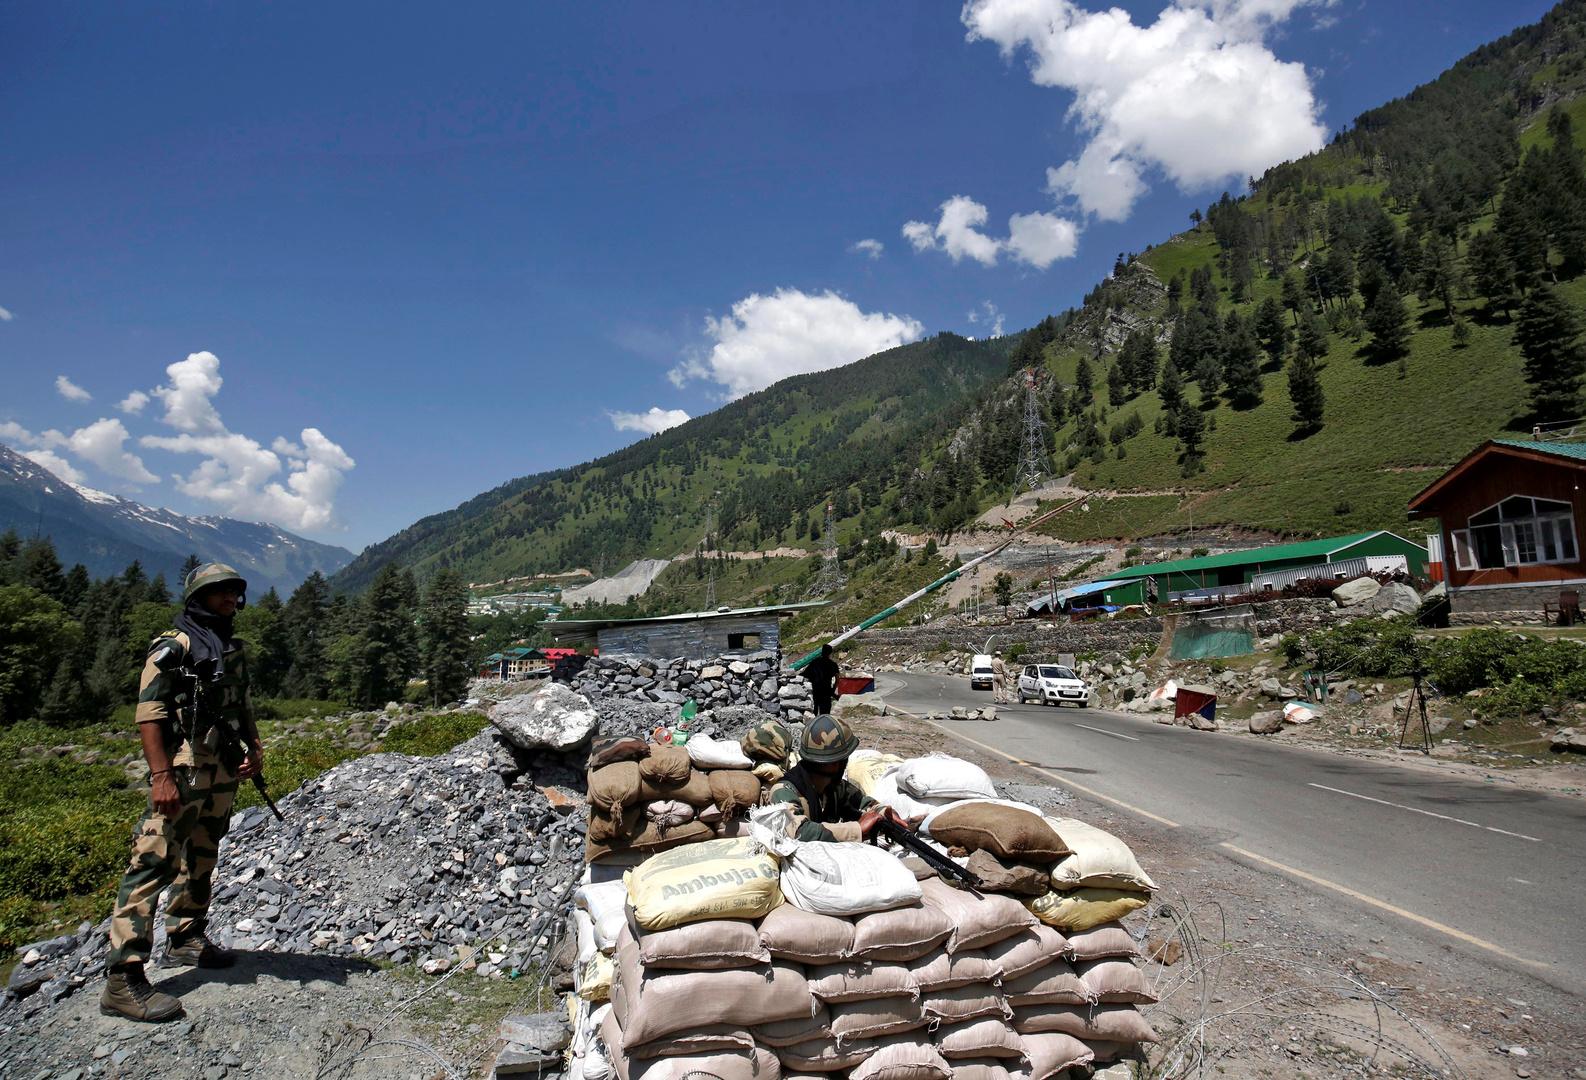 الخارجية الهندية: الثقة مع الصين تراجعت بشدة بعد الاشتباك الحدودي في الصيف الماضي